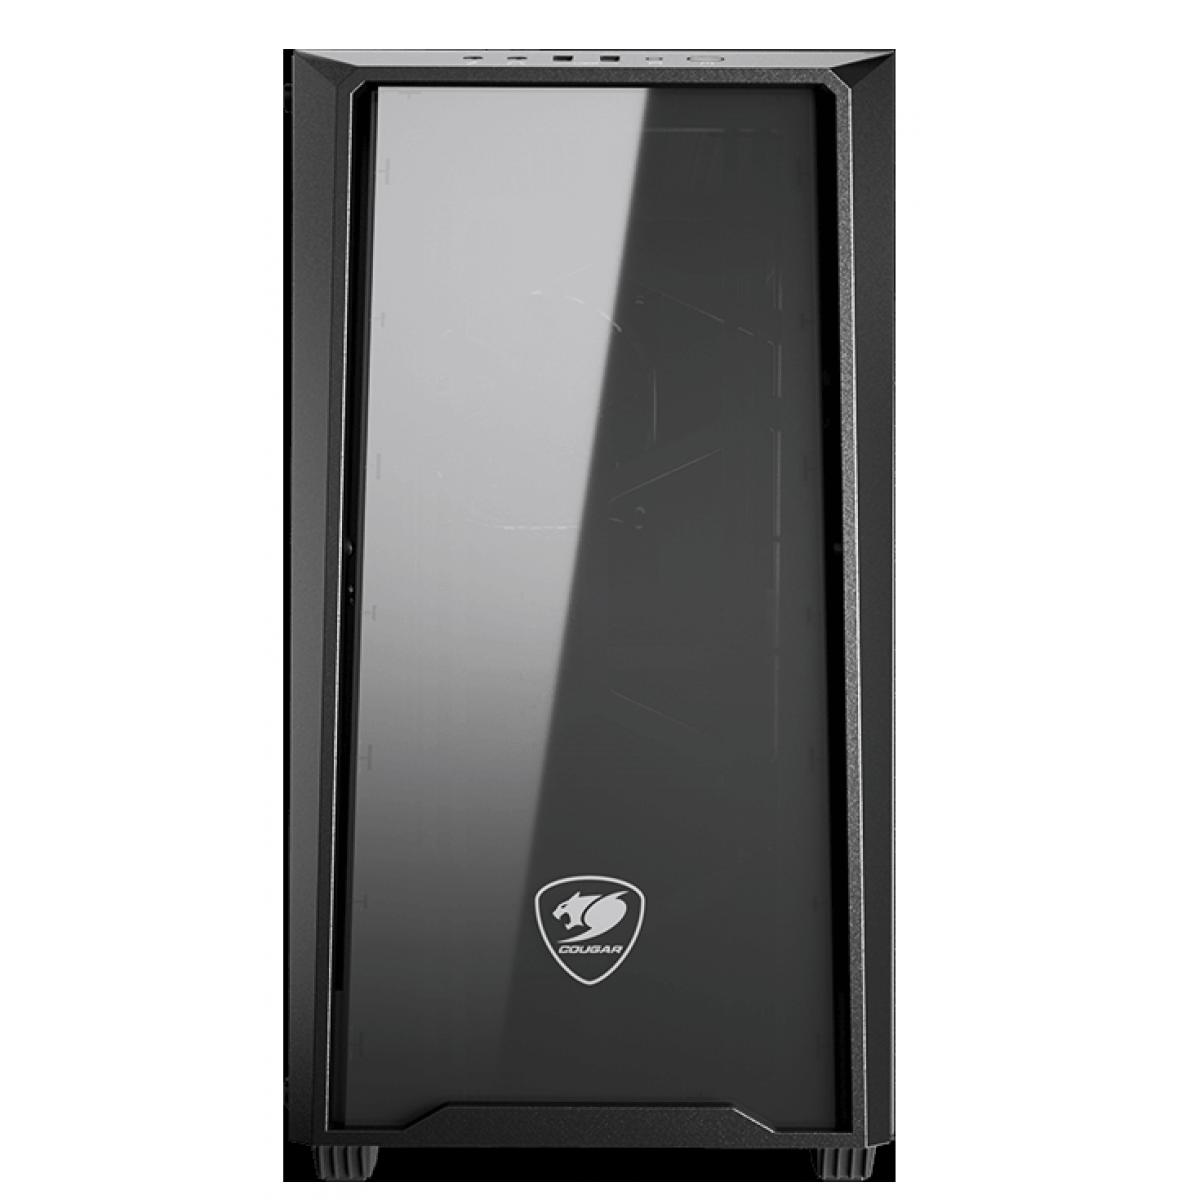 Gabinete Gamer Cougar MG120-G, Mini Tower, Vidro Temperado, Black, mATX, Sem Fonte, Com 1 Fan, 385TMZ0-0002